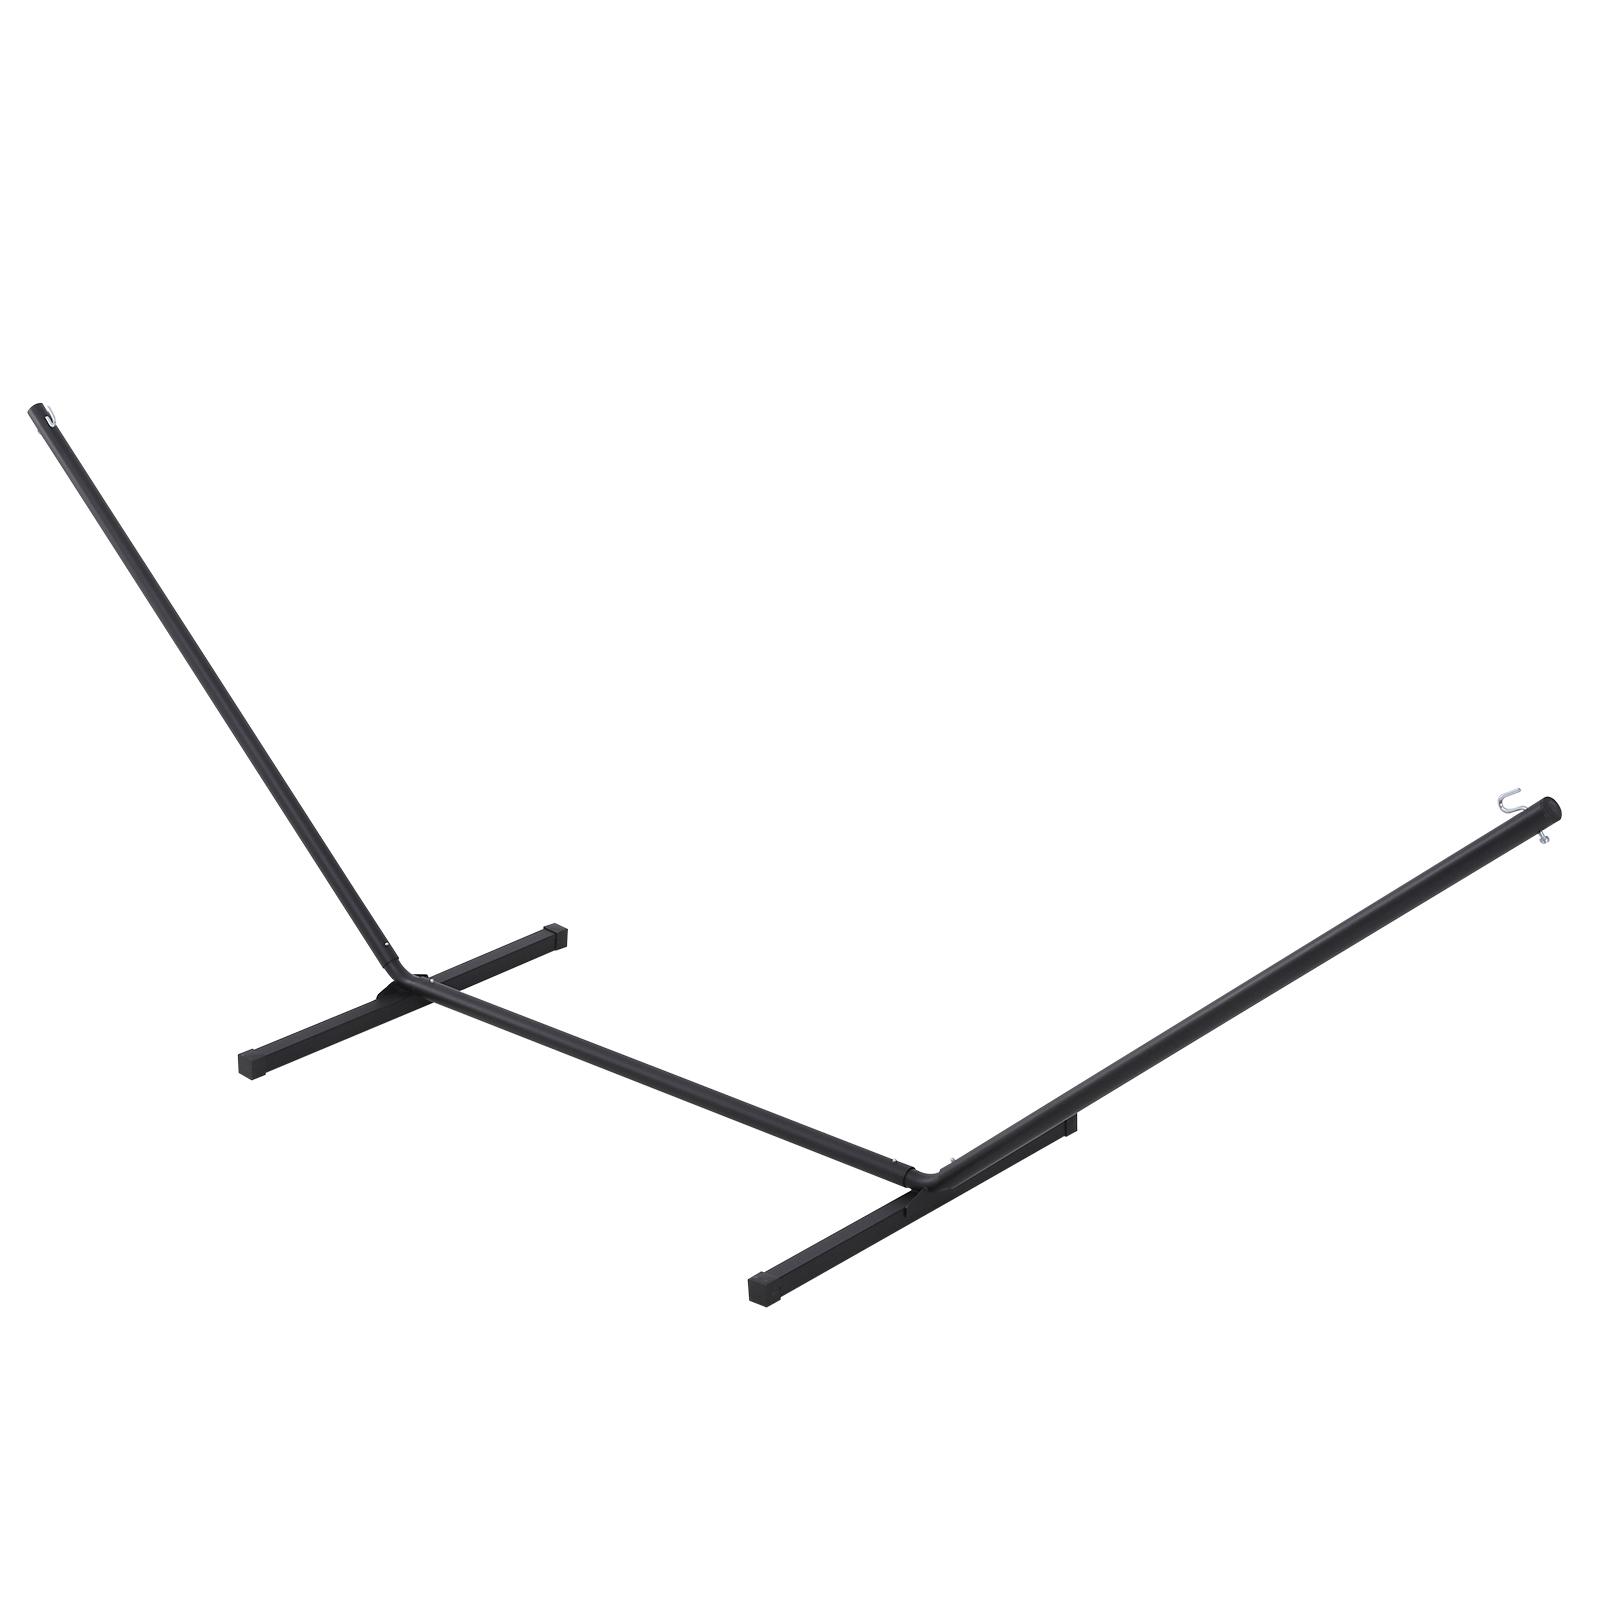 Outsunny Struttura Portante per Amaca Supporto Max. 150 Kg in Metallo, Nero, 360x92x115cm